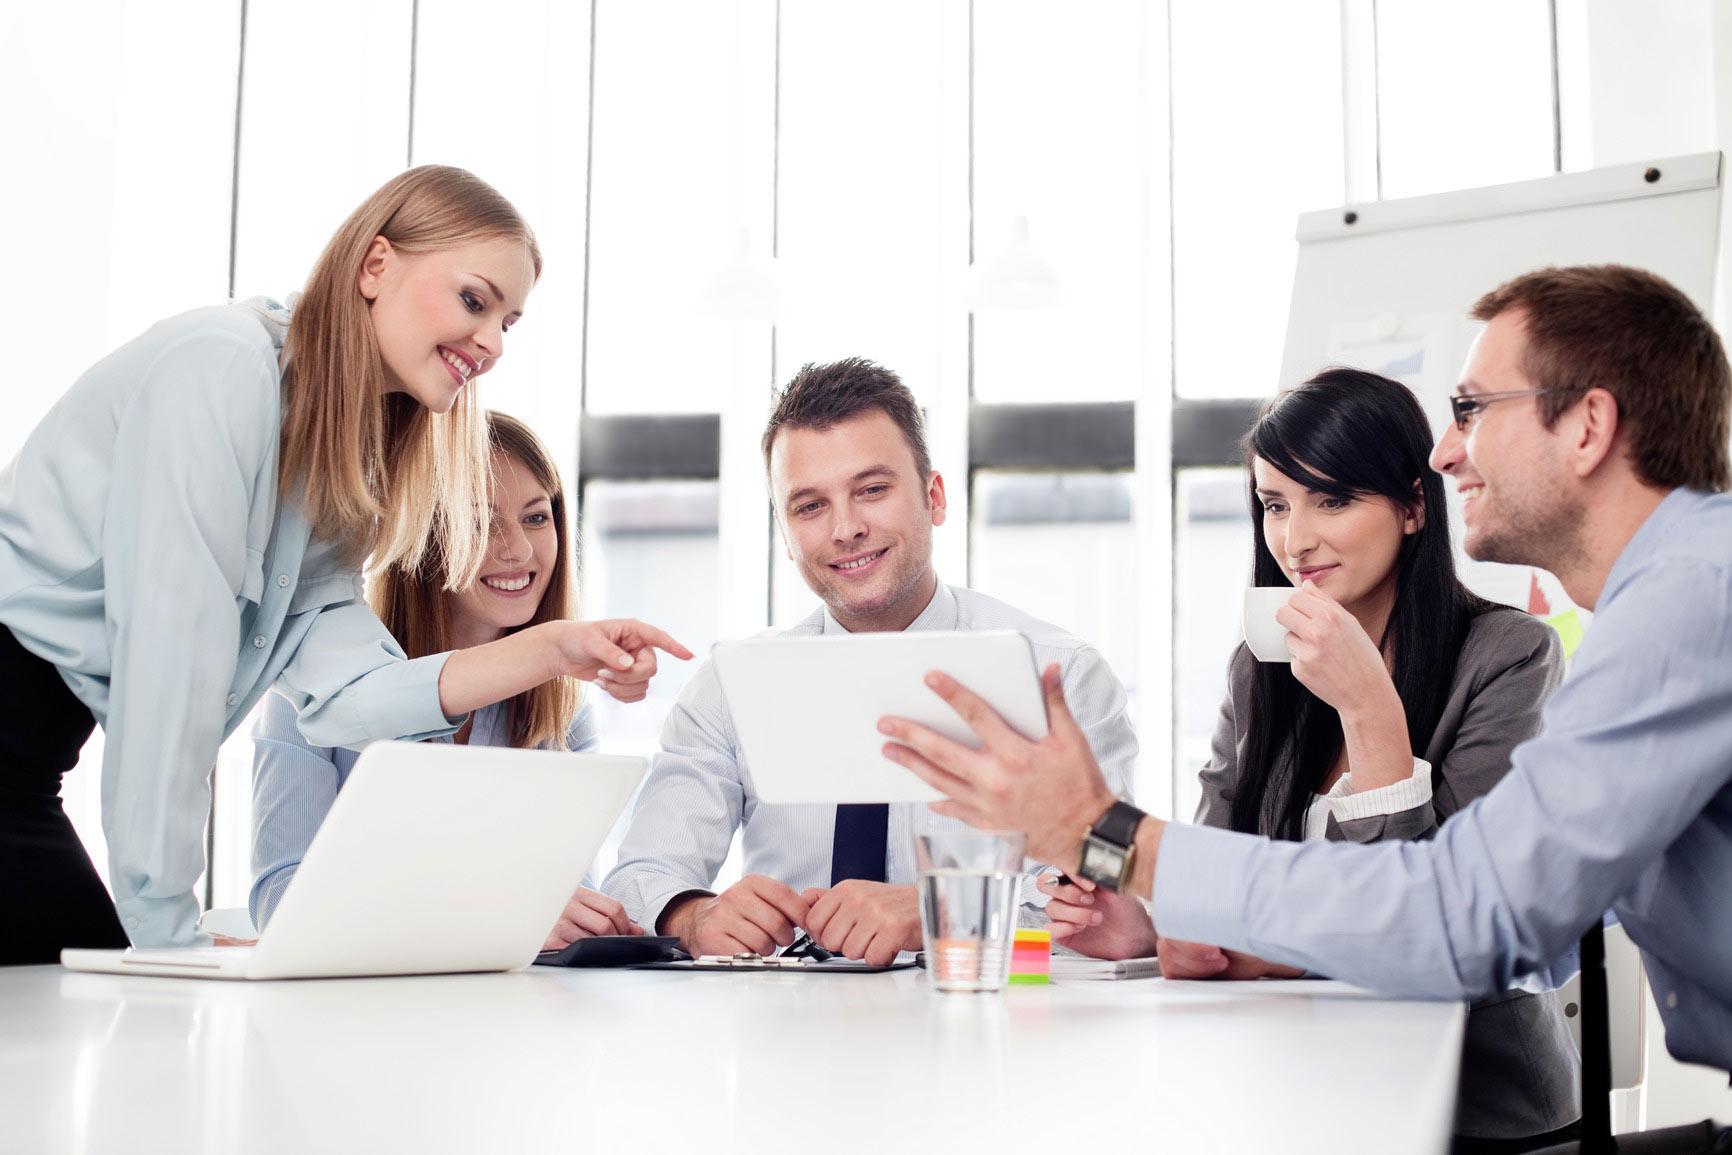 Бесплатный вебинар: Повышение эффективности бизнеса. Управление в e-commerce и процессный подход